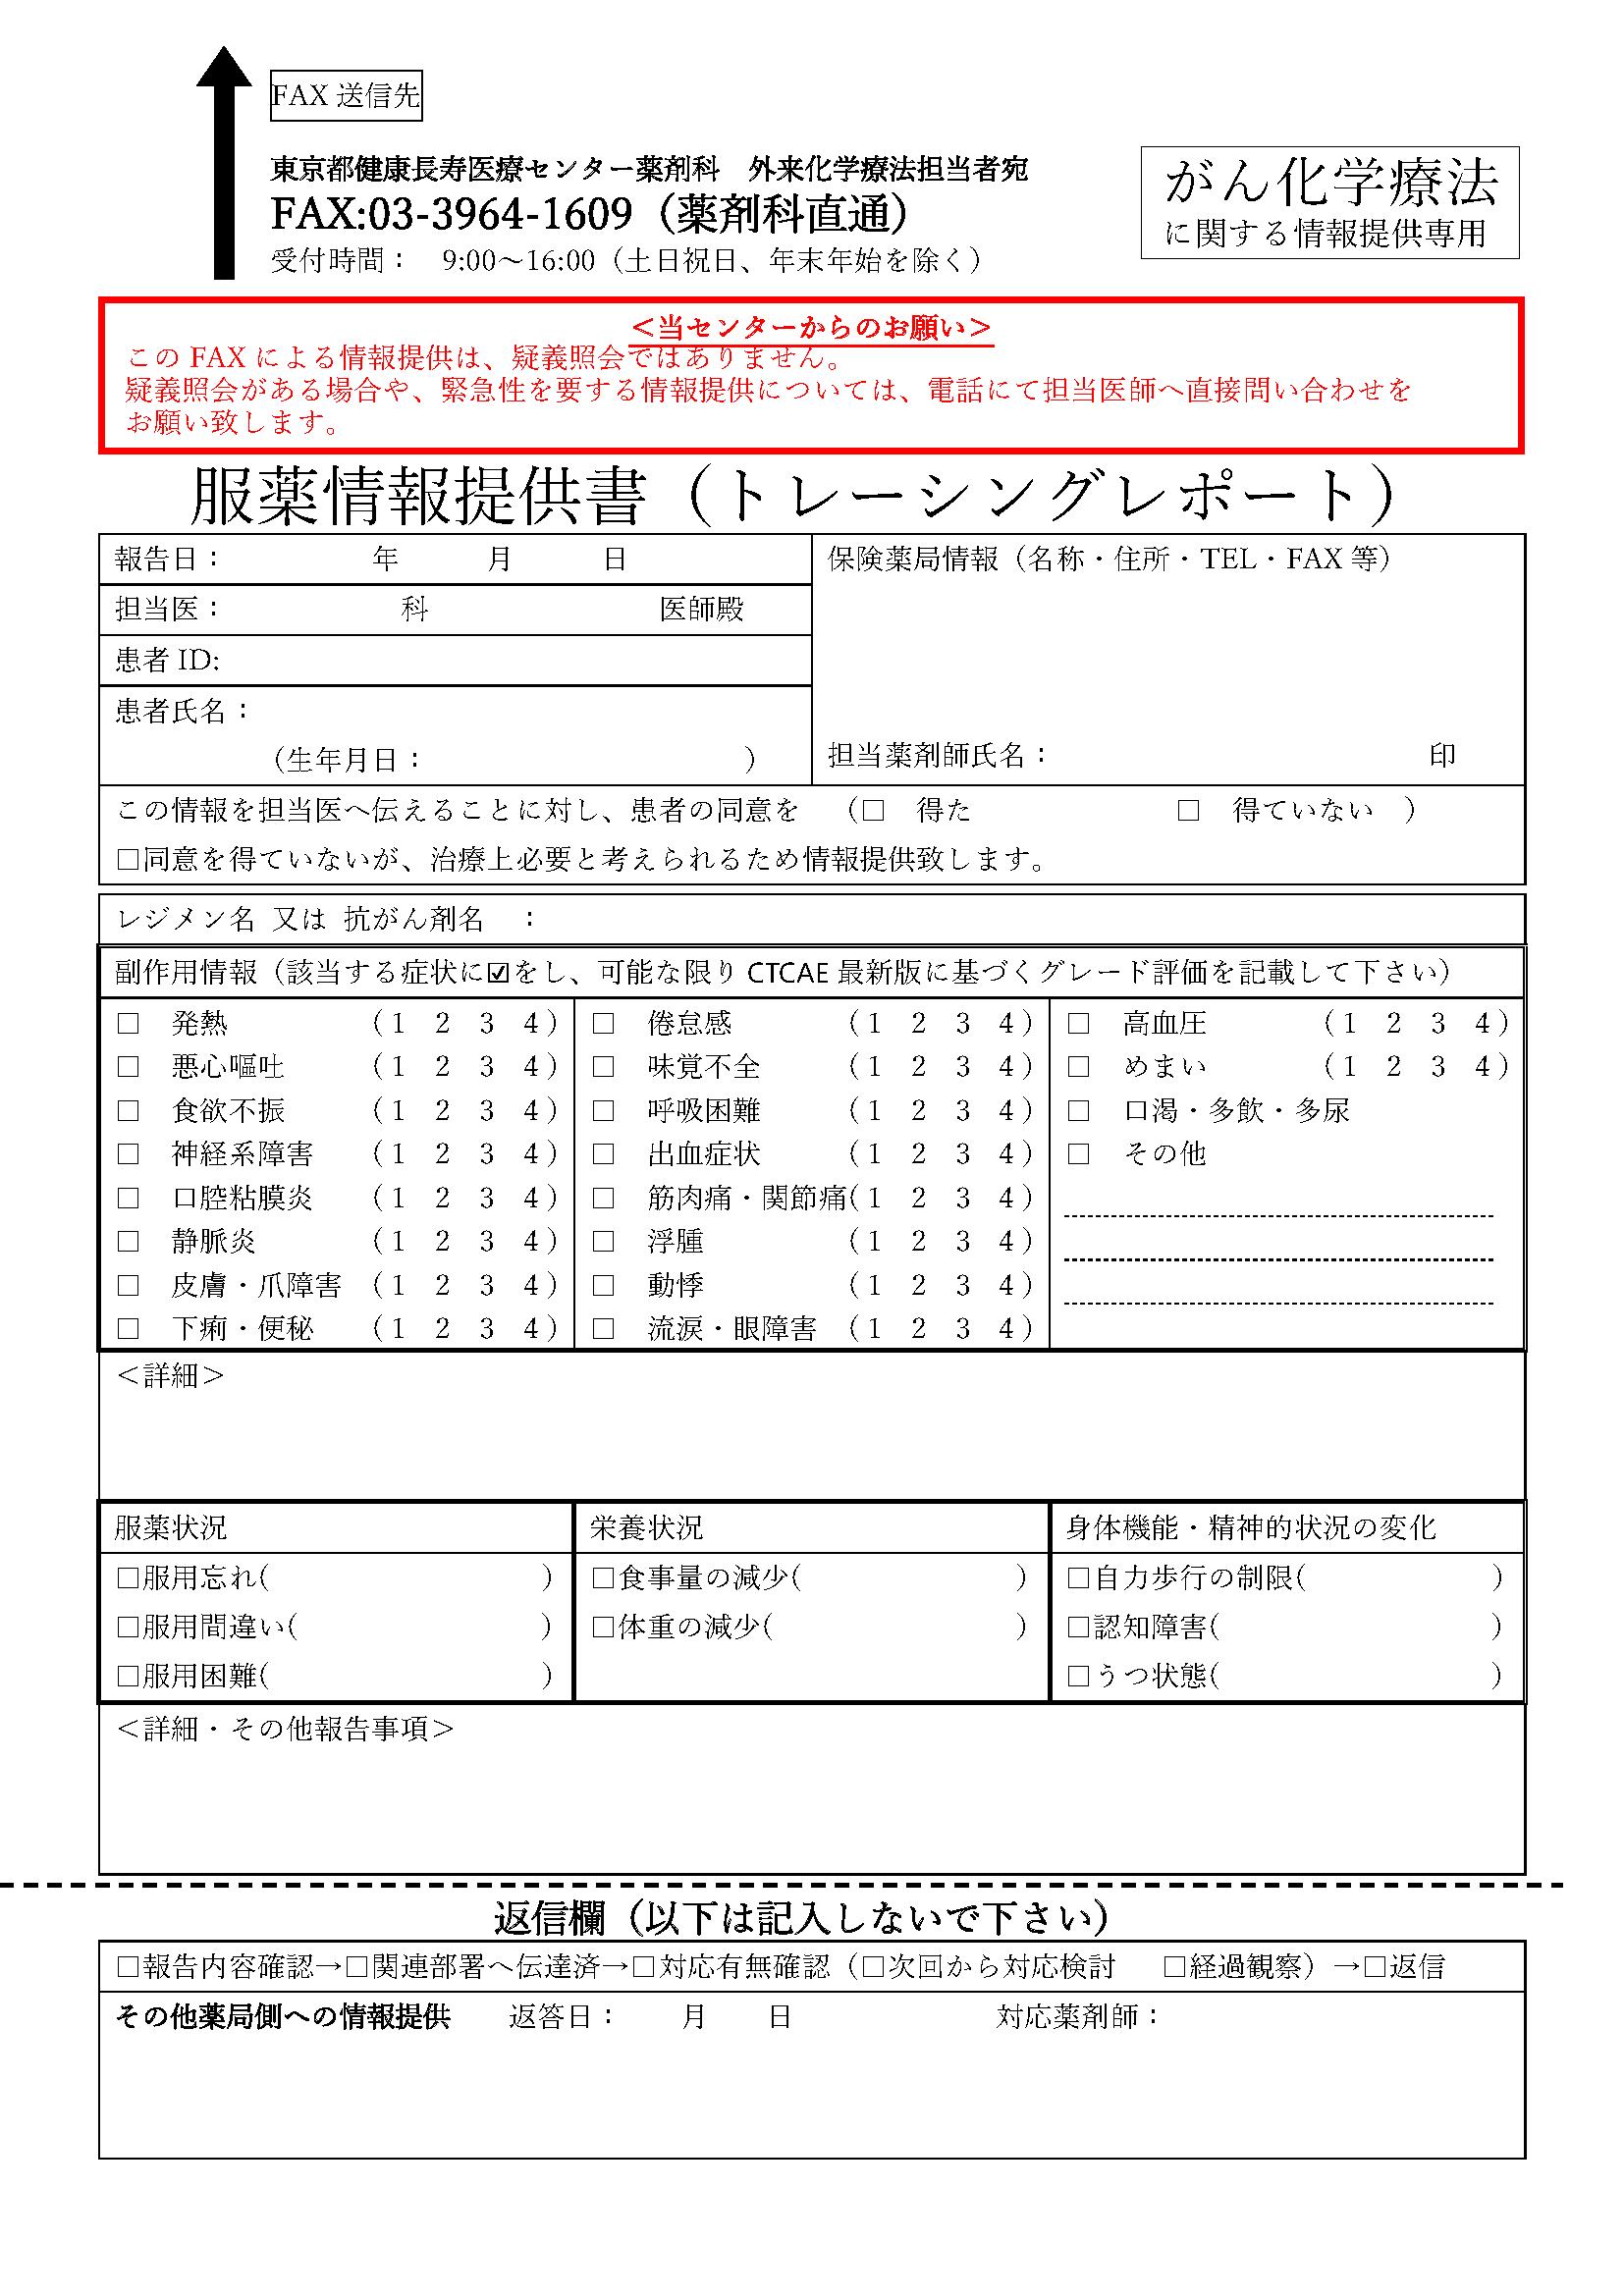 PDF完成版用連携充実加算トレーシングレポート20200720.png